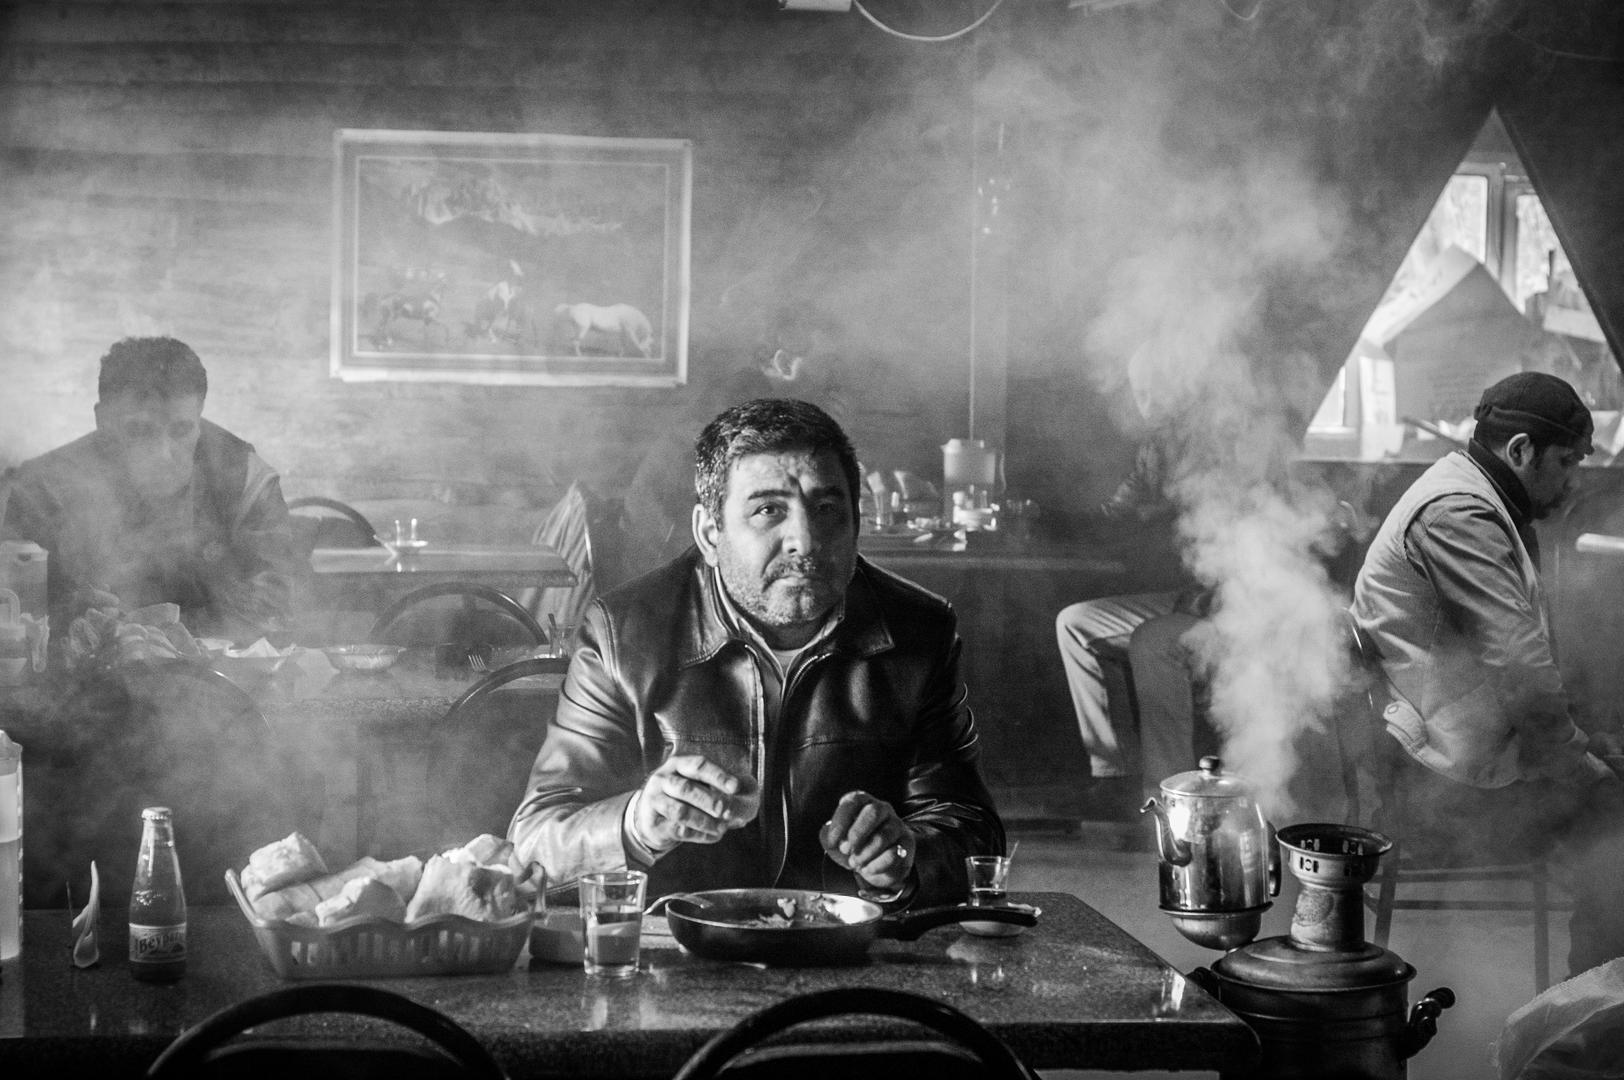 Небольшой перерыв в жизни, © Онур Эркоскун, 1-е место, Фотоконкурс «Фотограф года от Digital Camera»